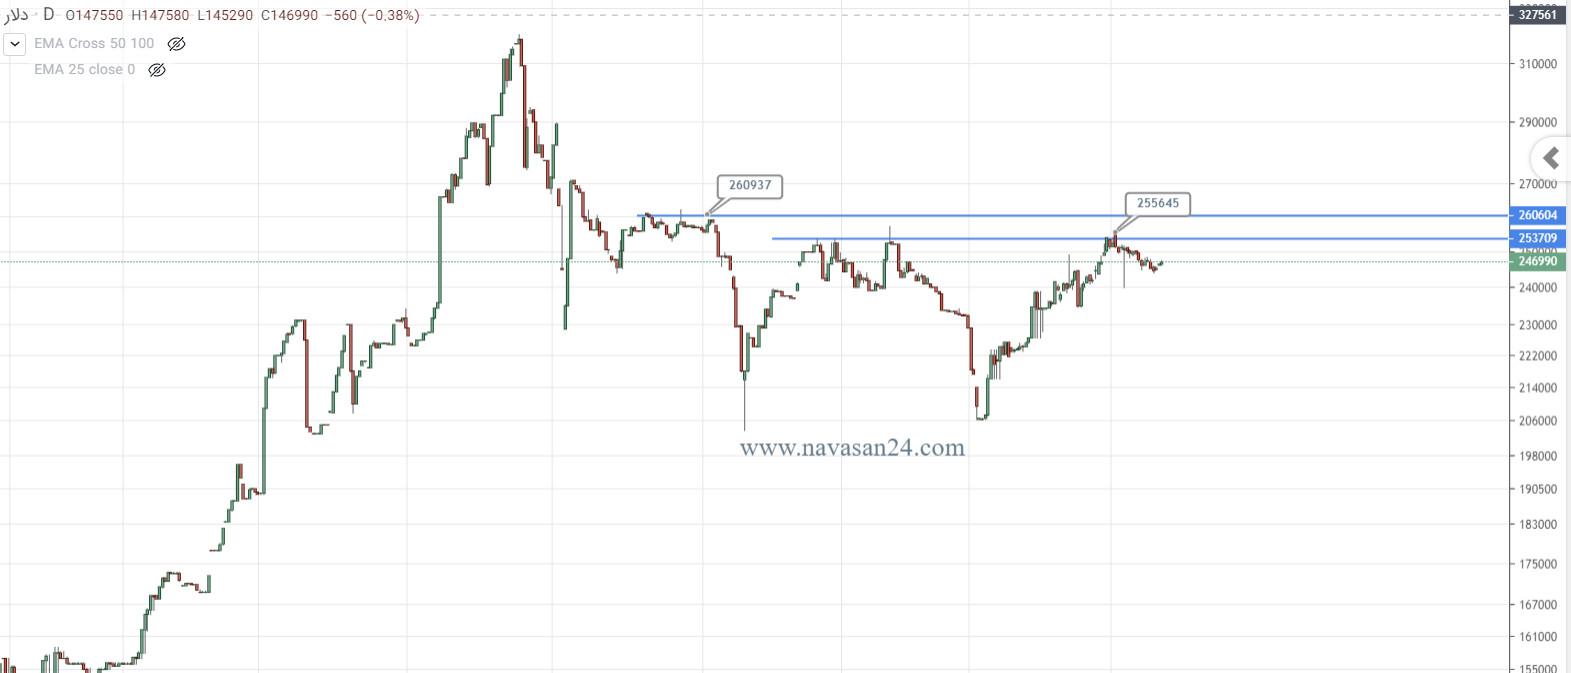 بررسی تحلیل تکنیکال دلار: (1400/05/02)